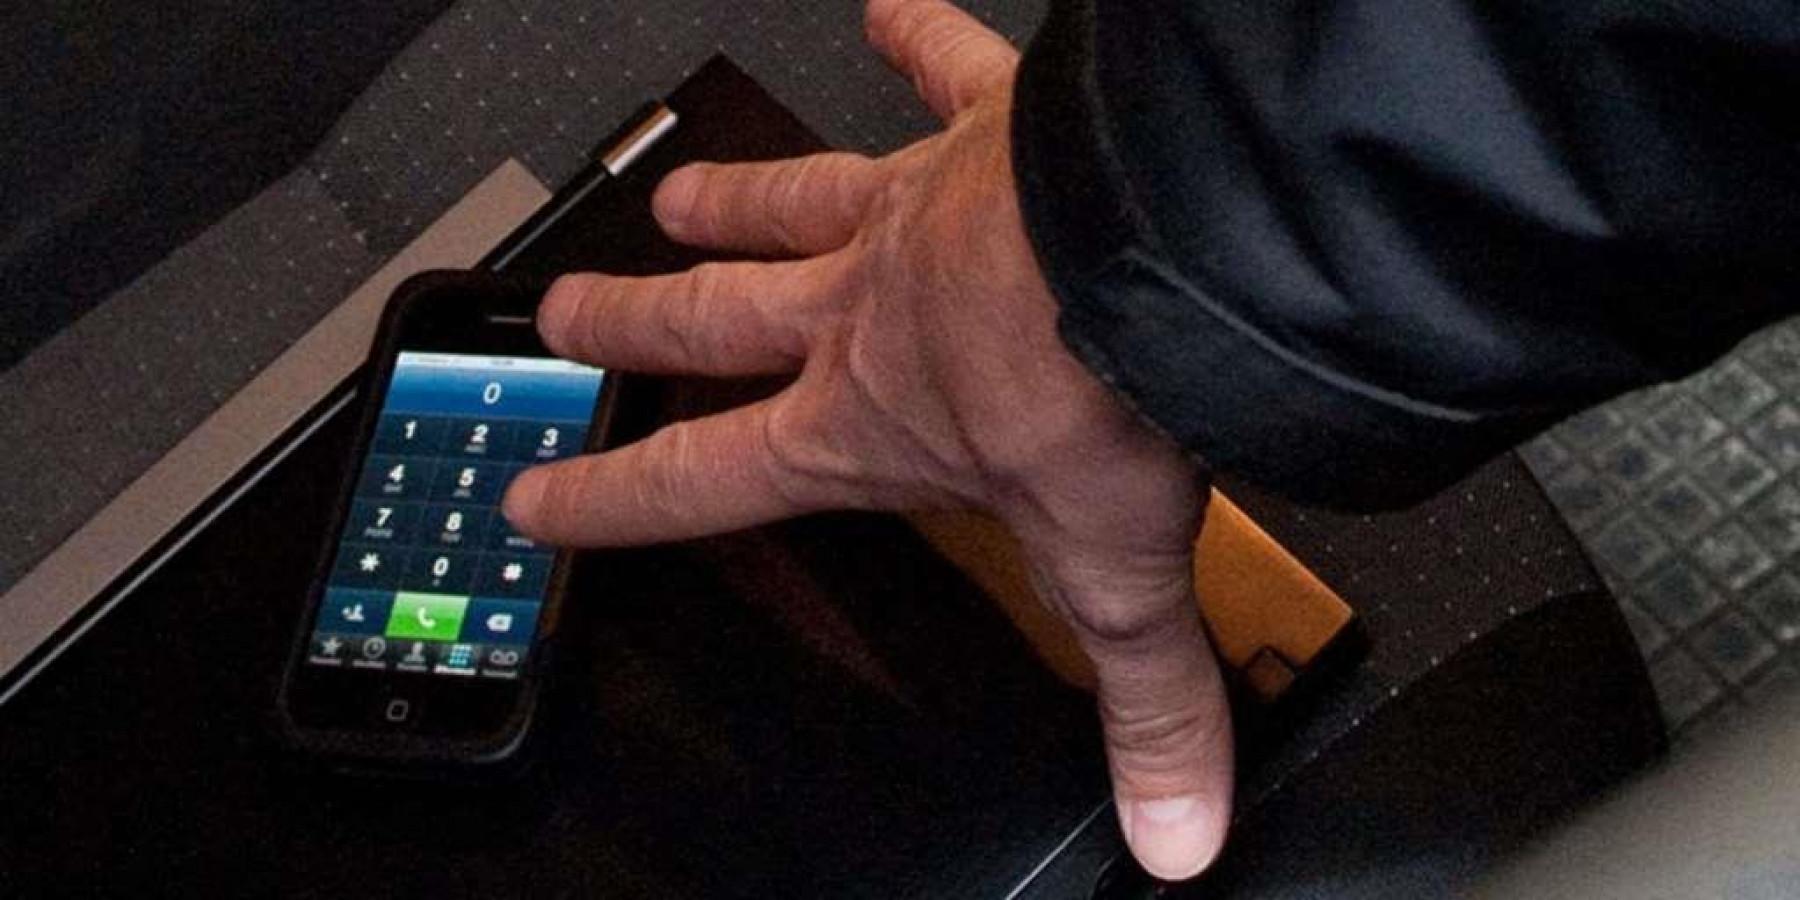 Gruppe greift zwei 18-Jährige an – Geldbörse und Handy gestohlen